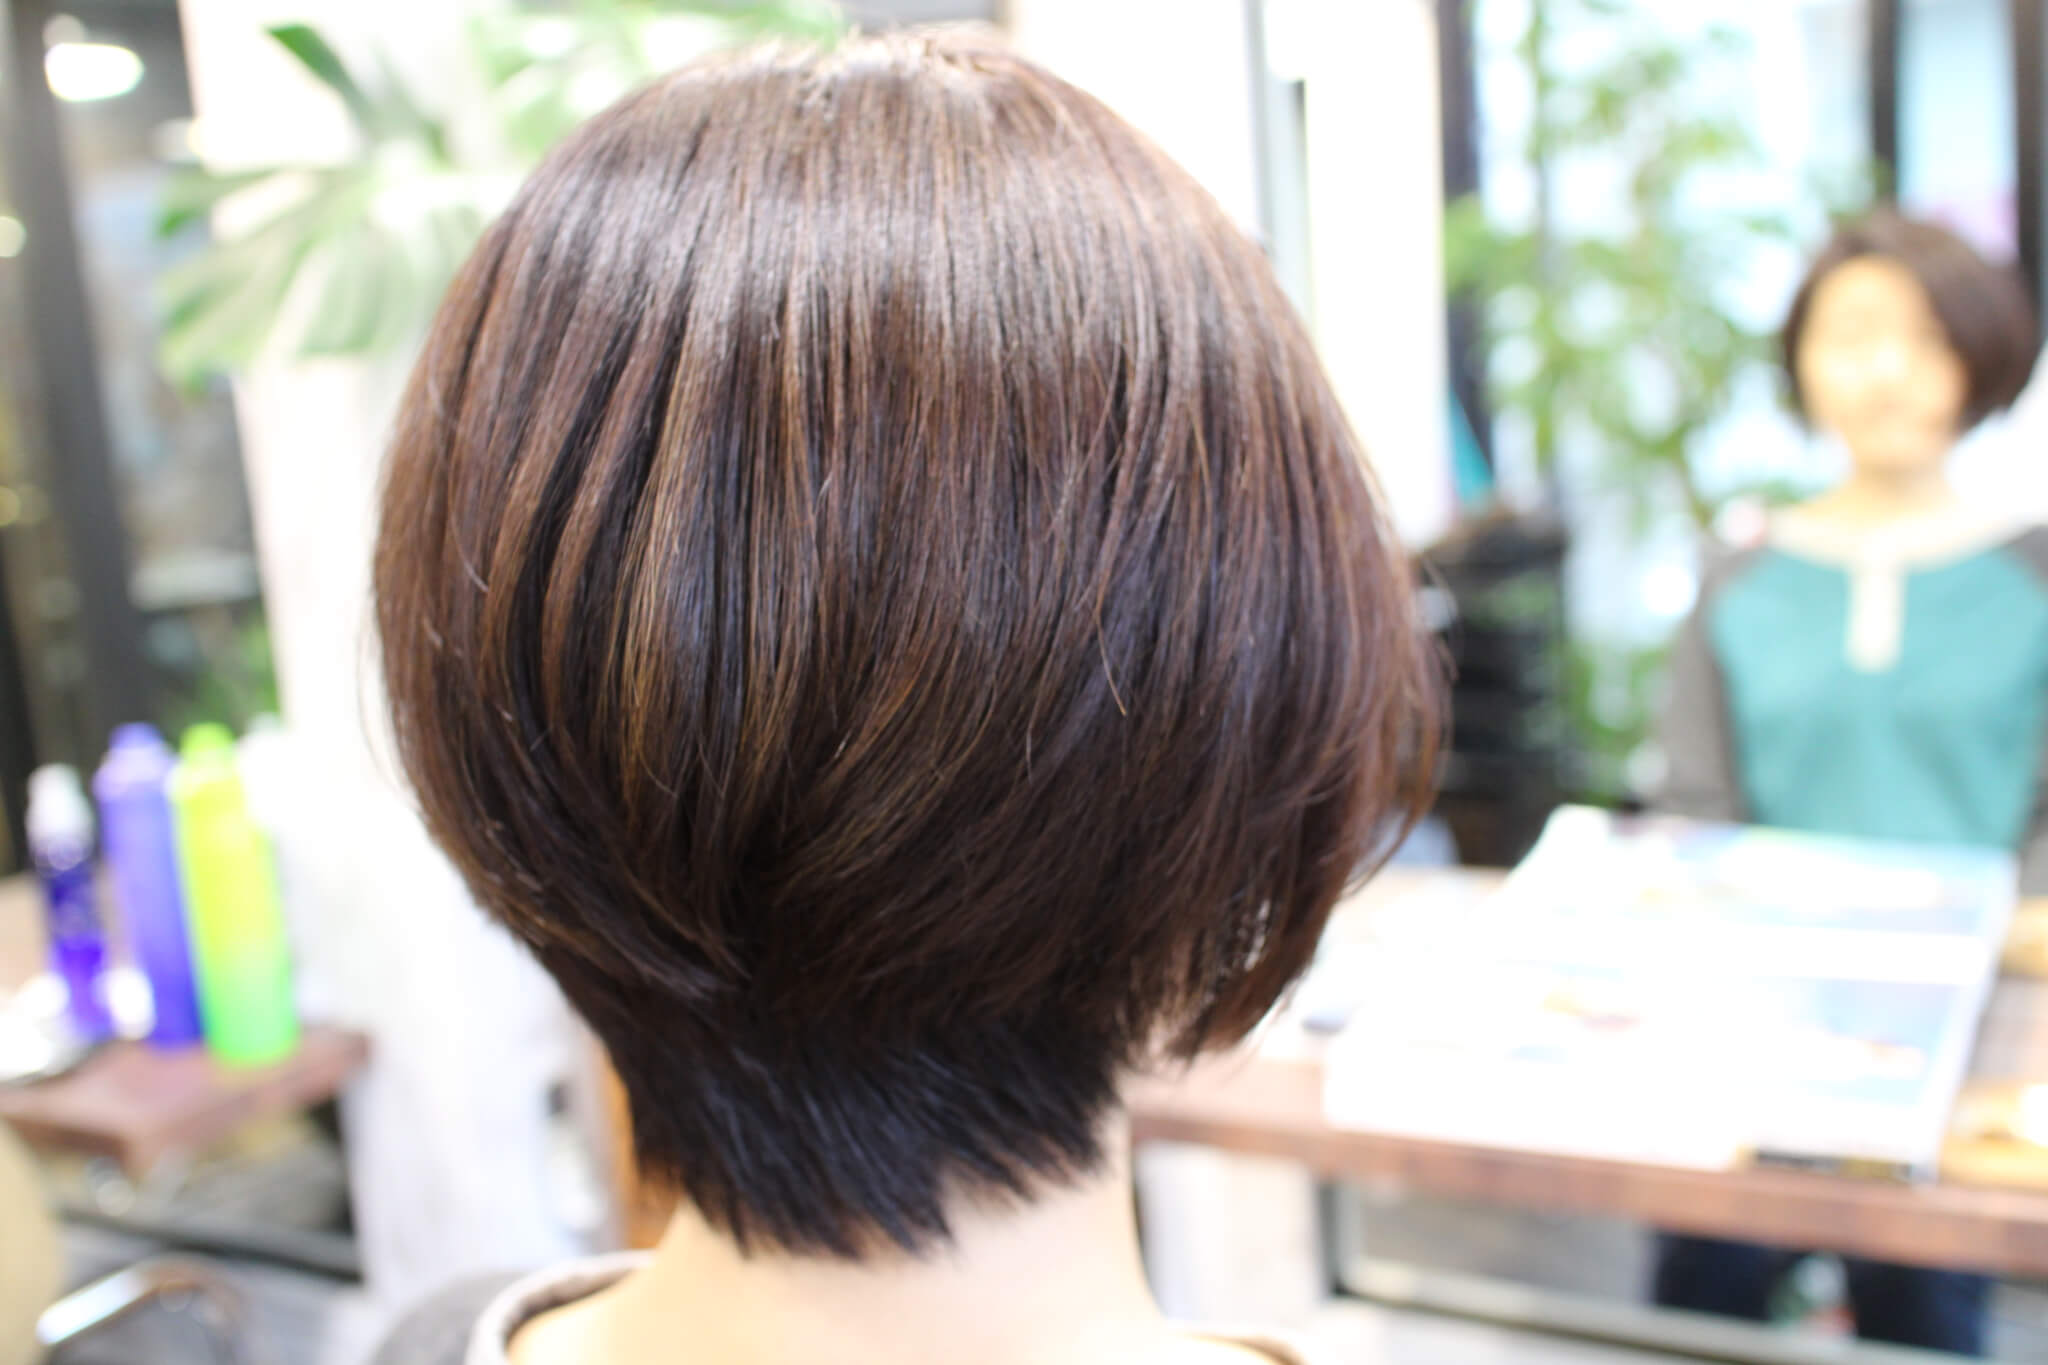 【いつまで白髪を抜くの?】数本など少ない場合 3つのおすすめ対処と その理由